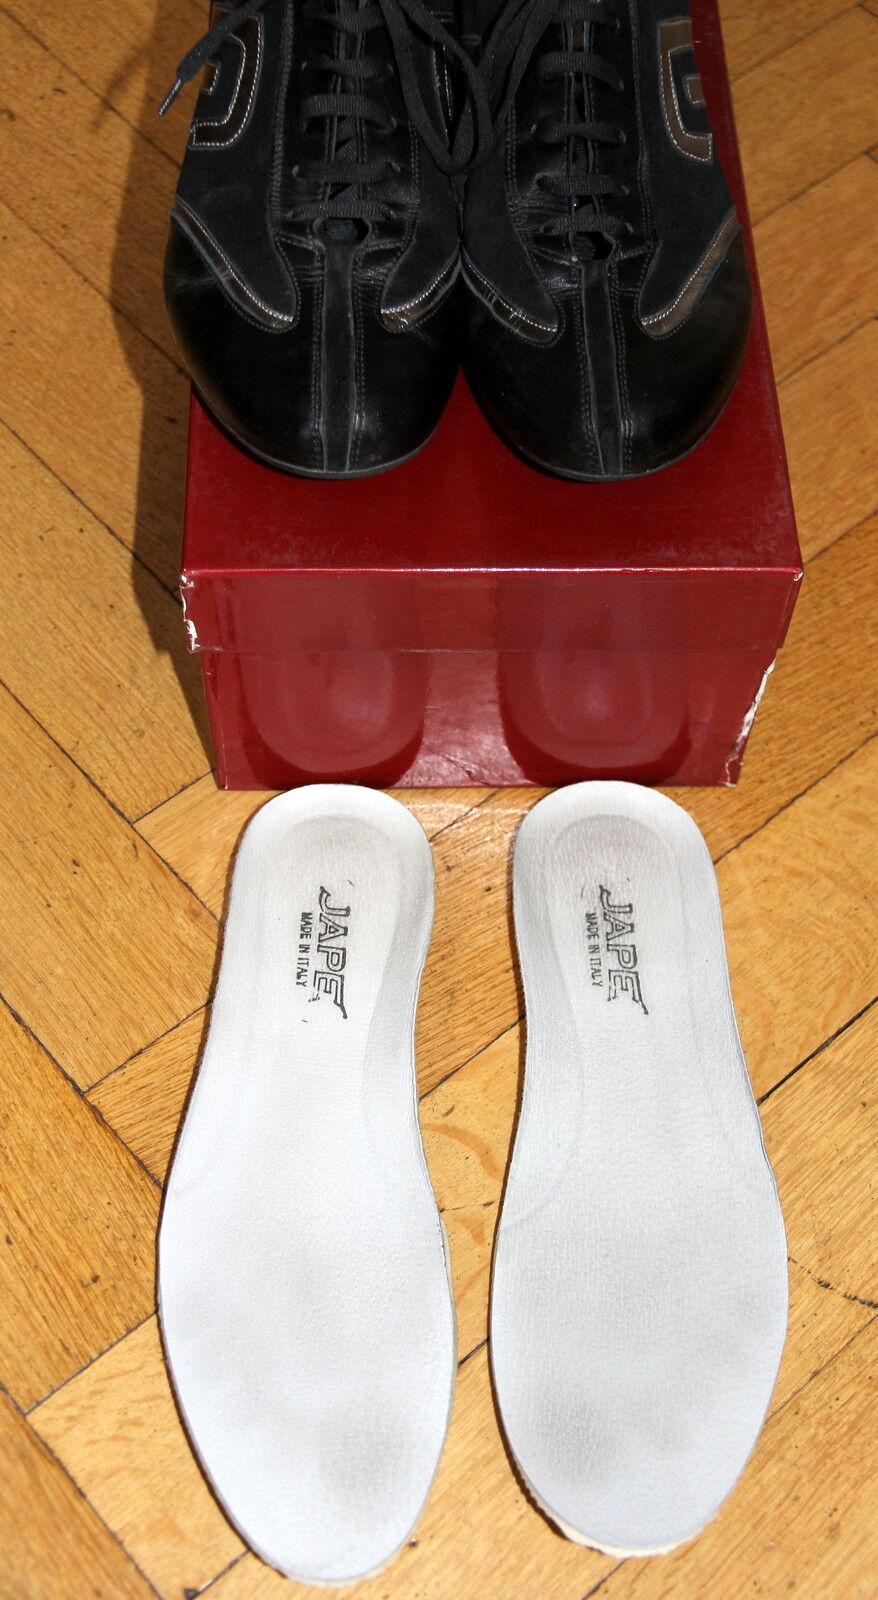 Jape Sneaker Turnschuhe Gr. 41 schwarz silber wie echtes Leder NP 139,90 wie silber neu f7bc91